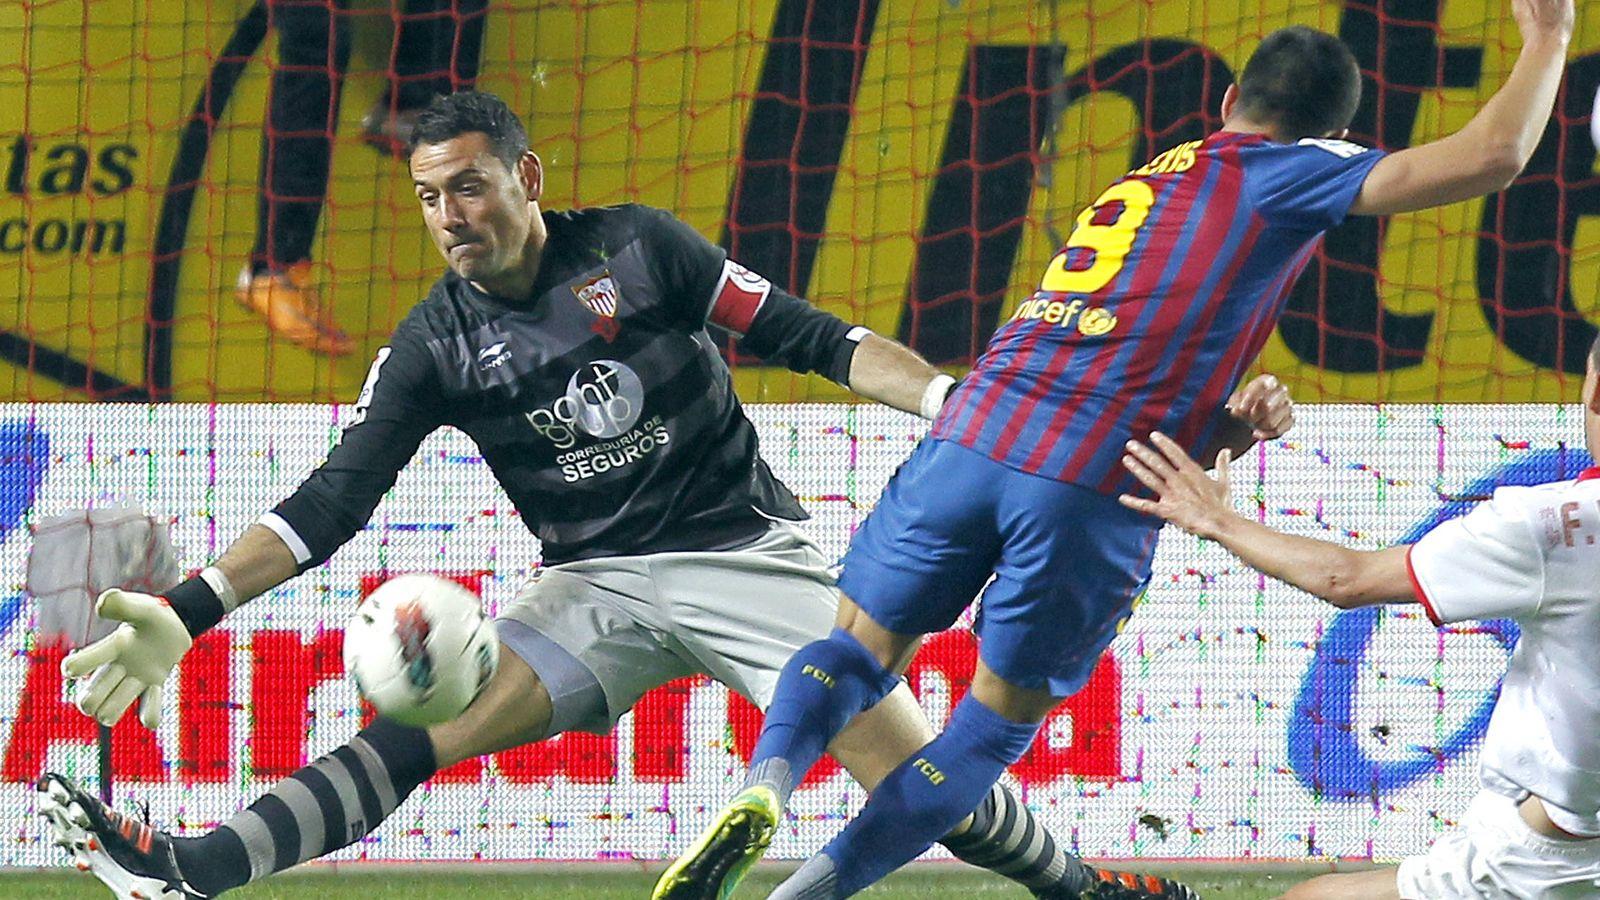 Foto: Andrés Palop durante un partido de liga en su etapa con el Sevilla (Efe)